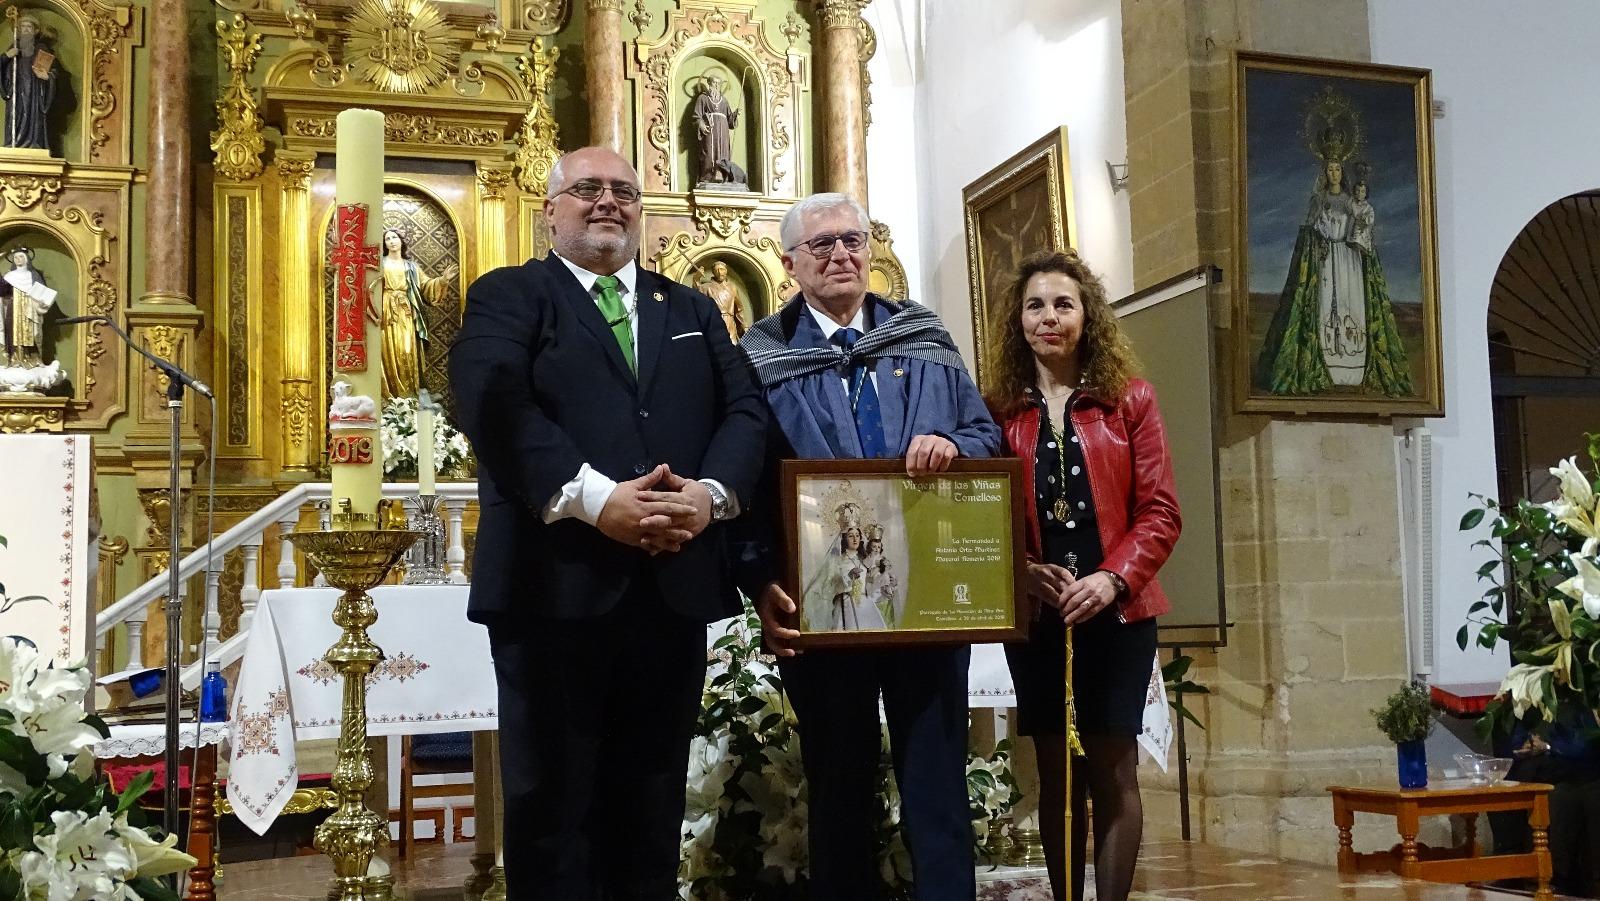 """Miguel Ángel Jiménez Salinas: """"El amor del pueblo de Tomelloso por su patrona supone superar cualquier dificultad"""""""